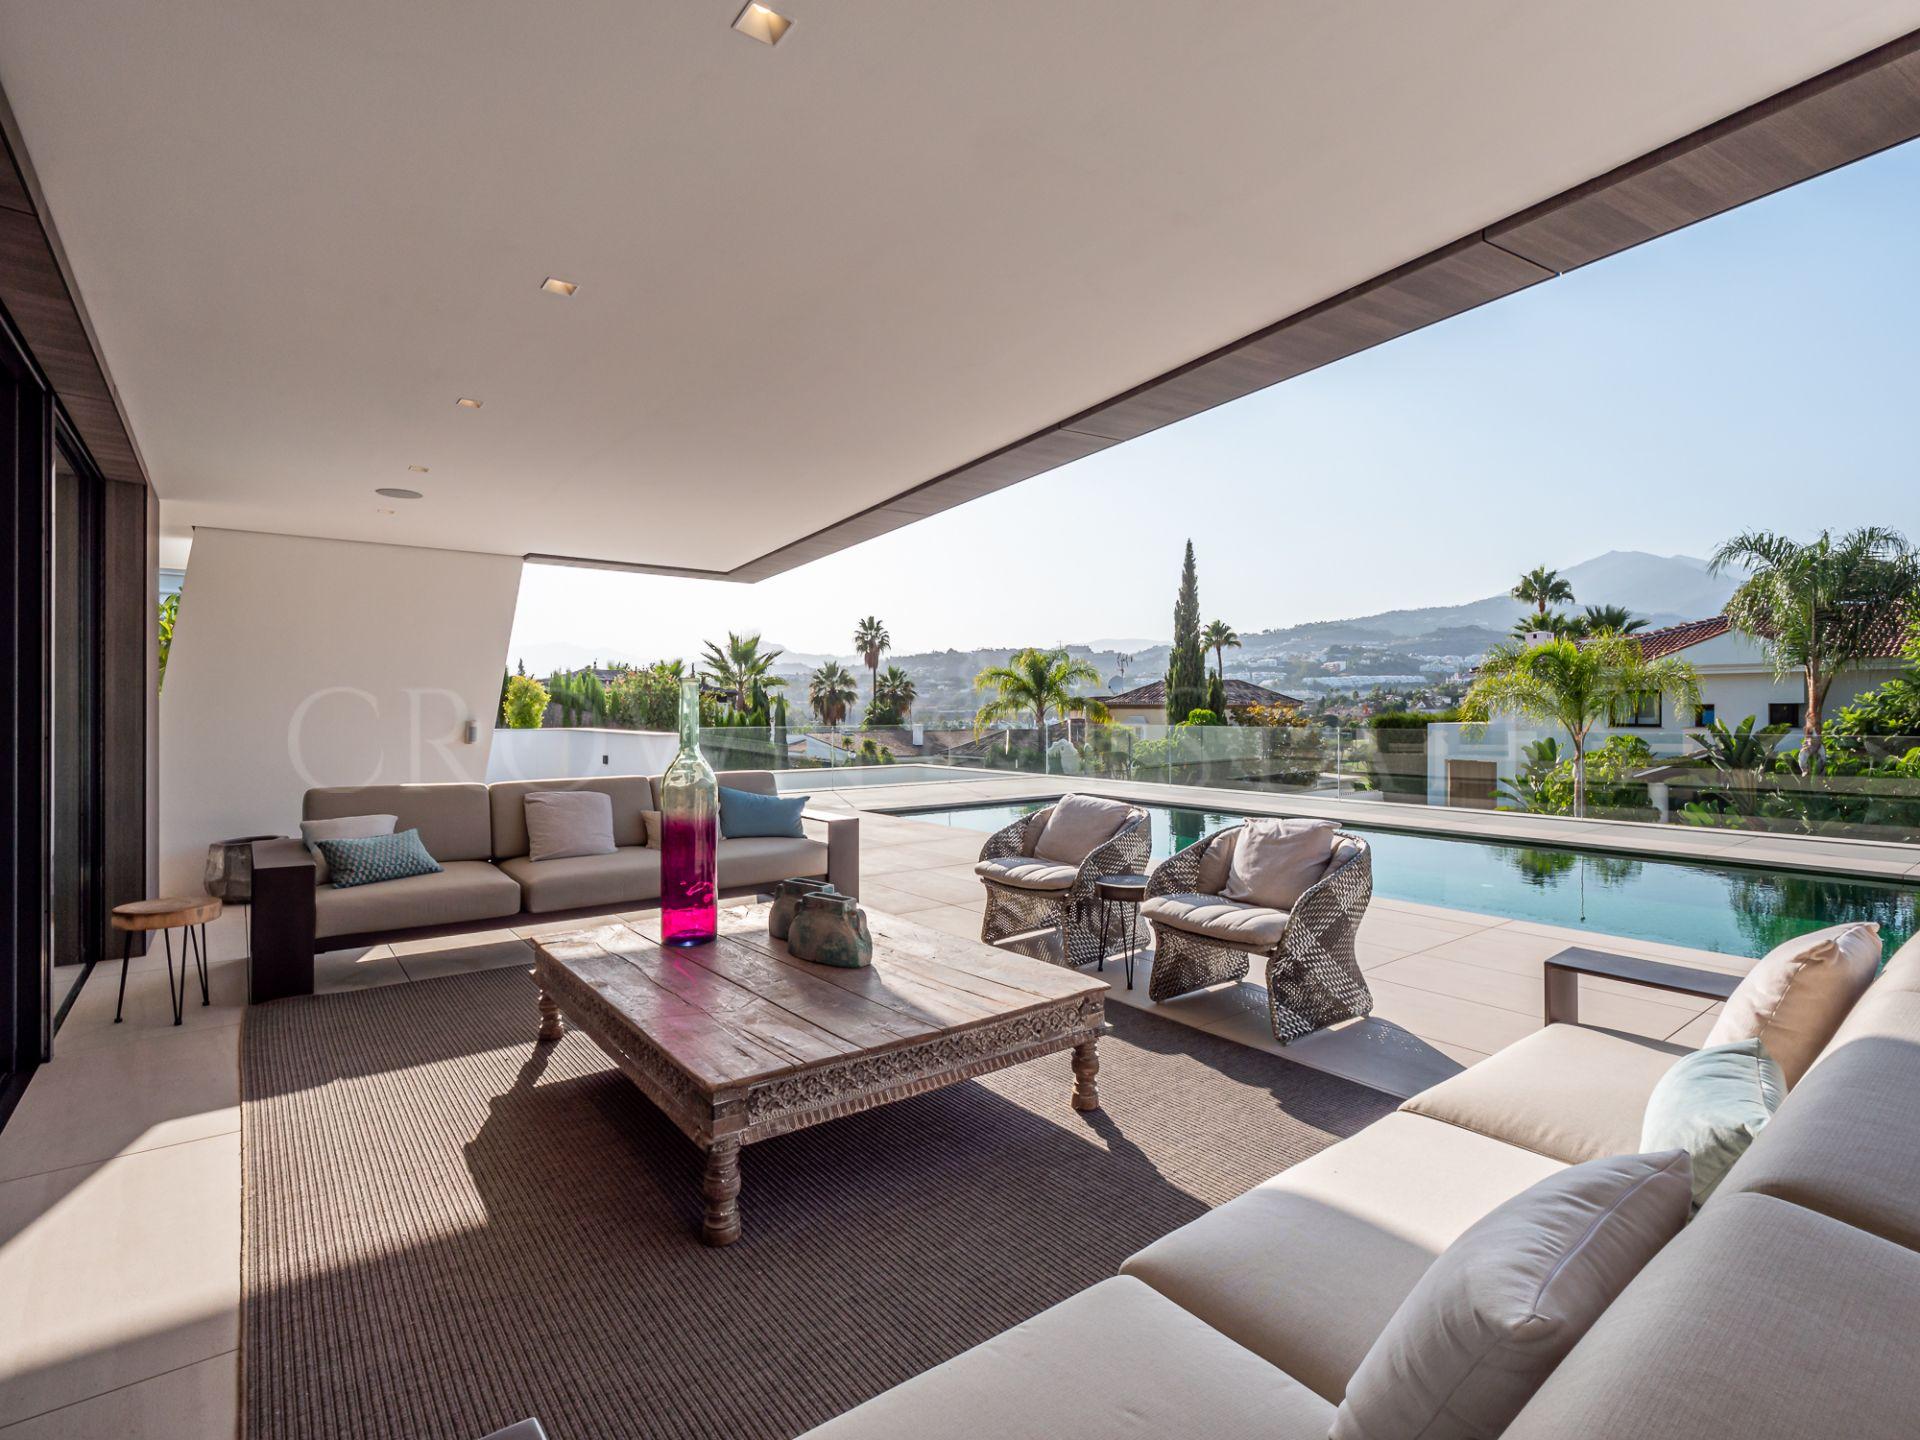 Villa for sale in Los Naranjos, Nueva Andalucia